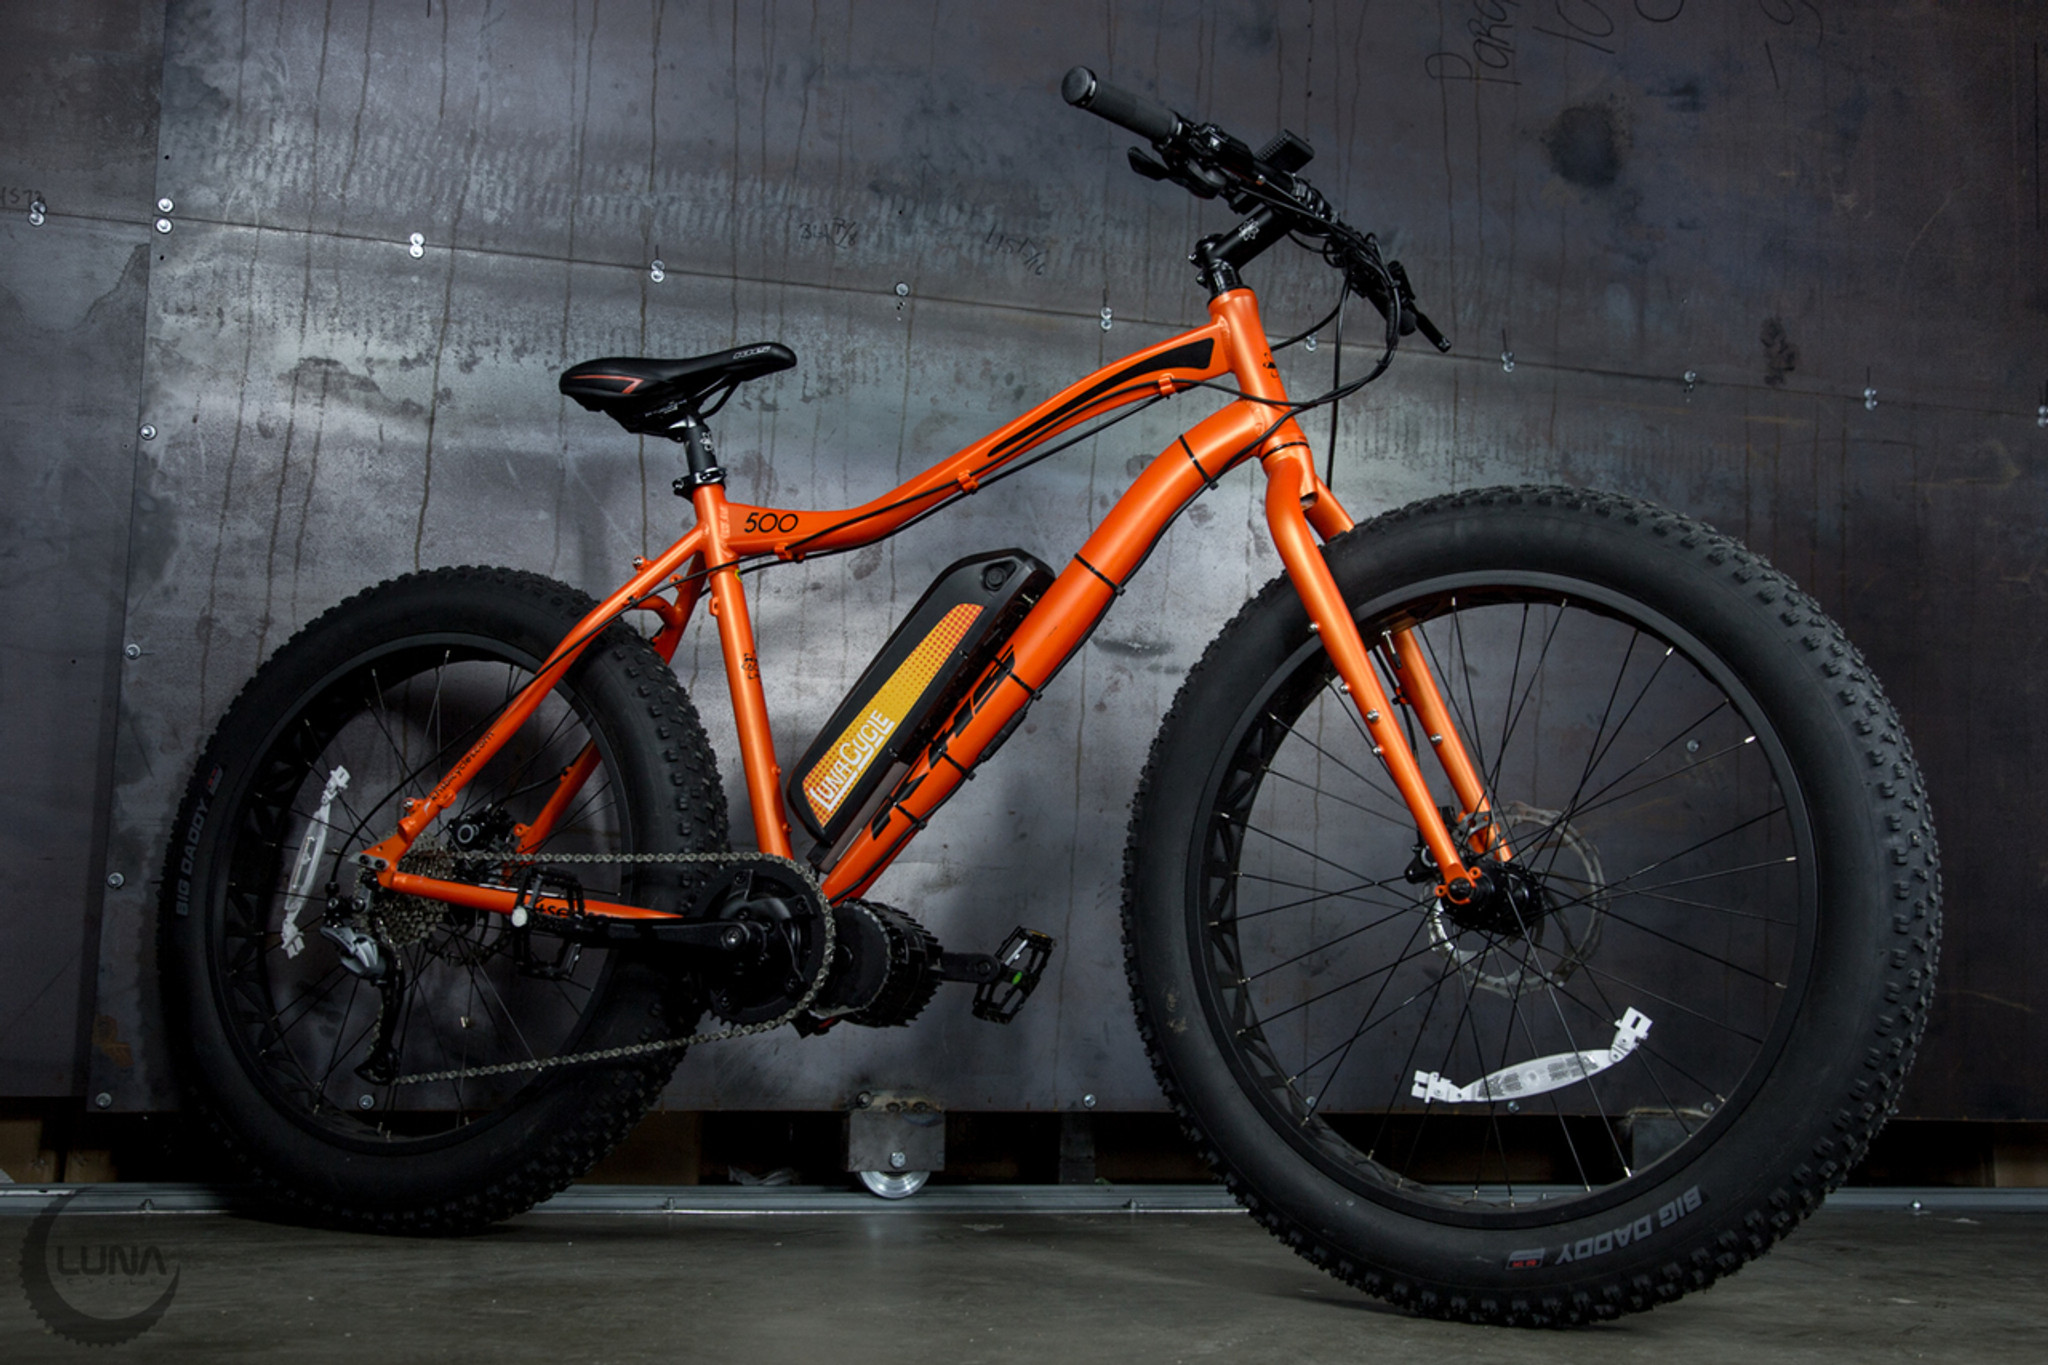 Luna 2017 4 season 500 fat tire ebike khs luna cycle luna 2017 4 season 500 fat tire ebike khs ccuart Gallery